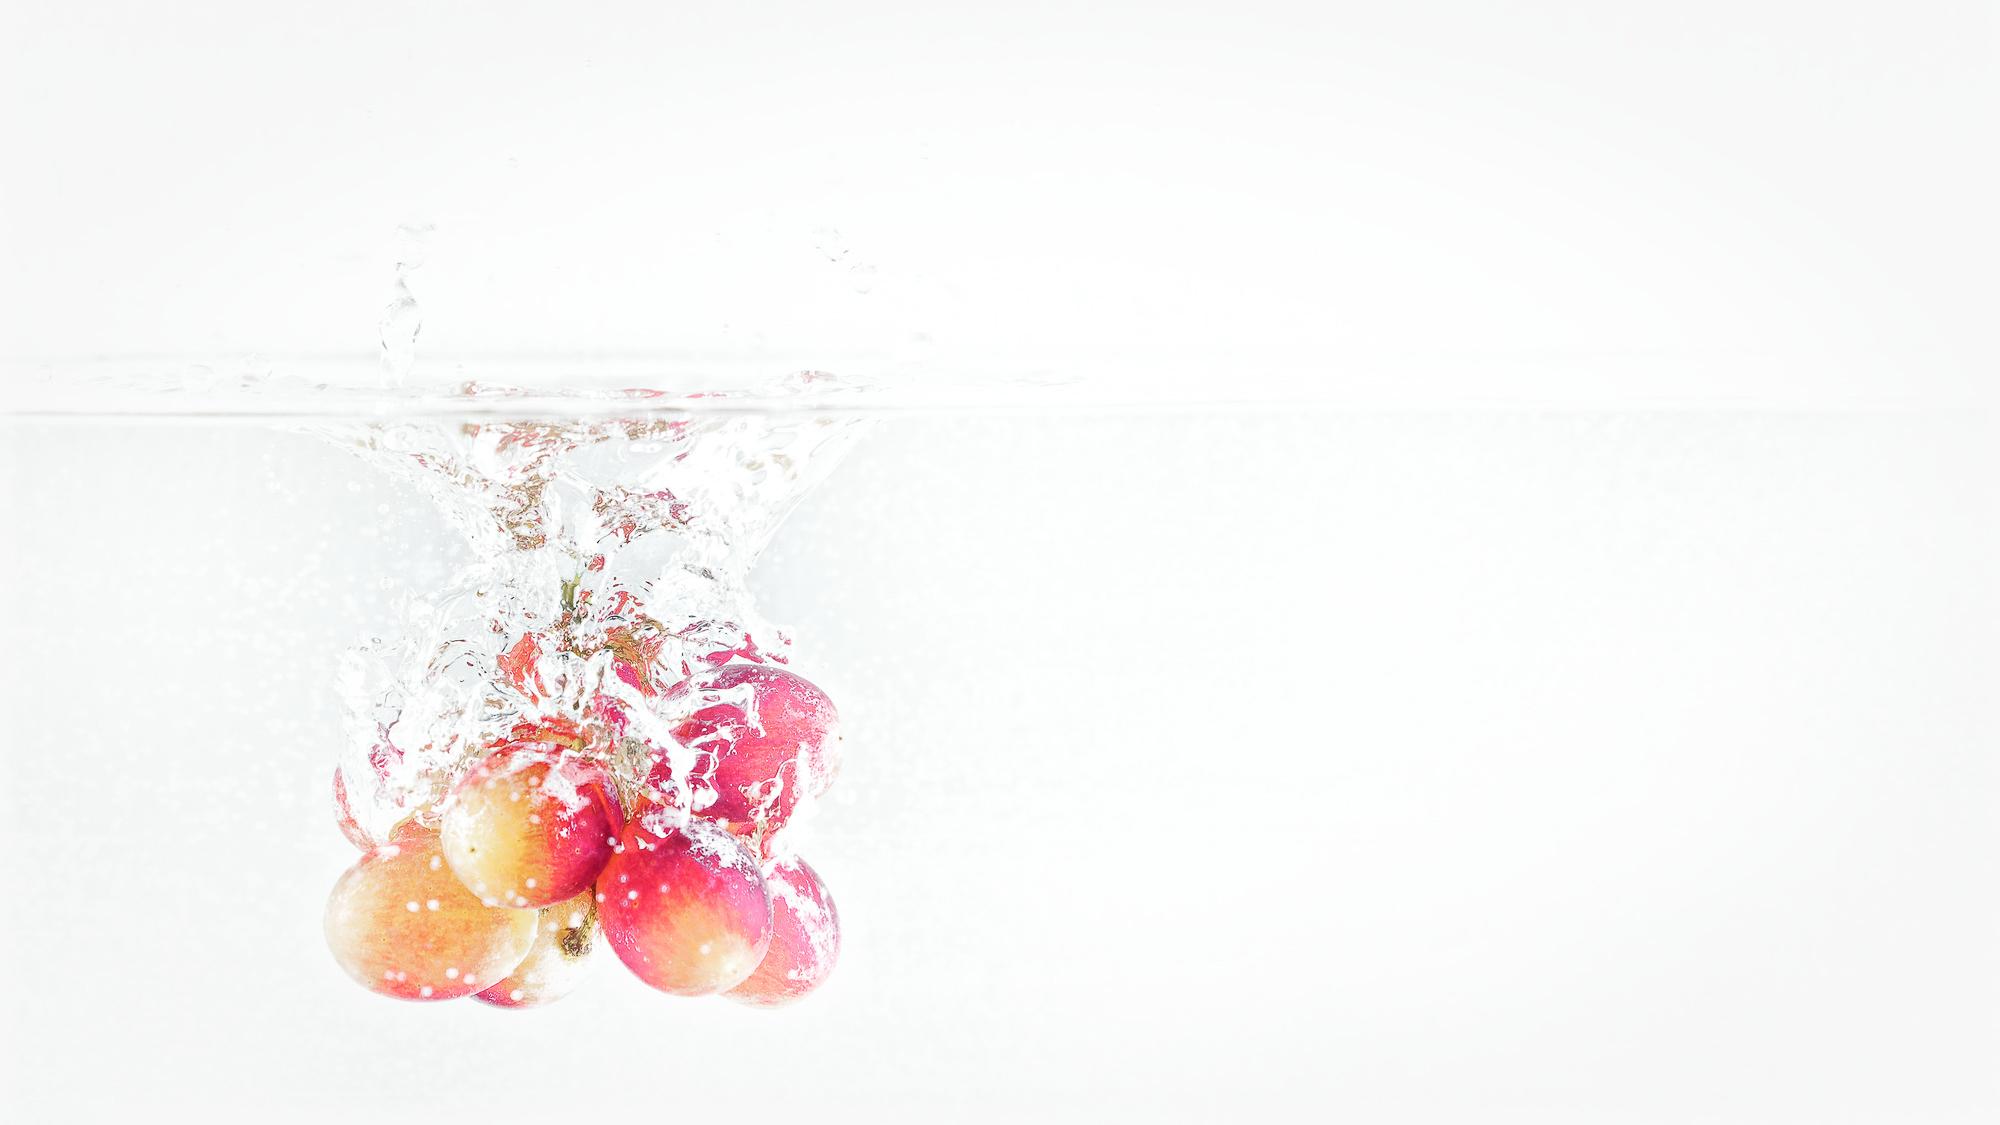 Dinge die ins Wasser fallen - Trauben